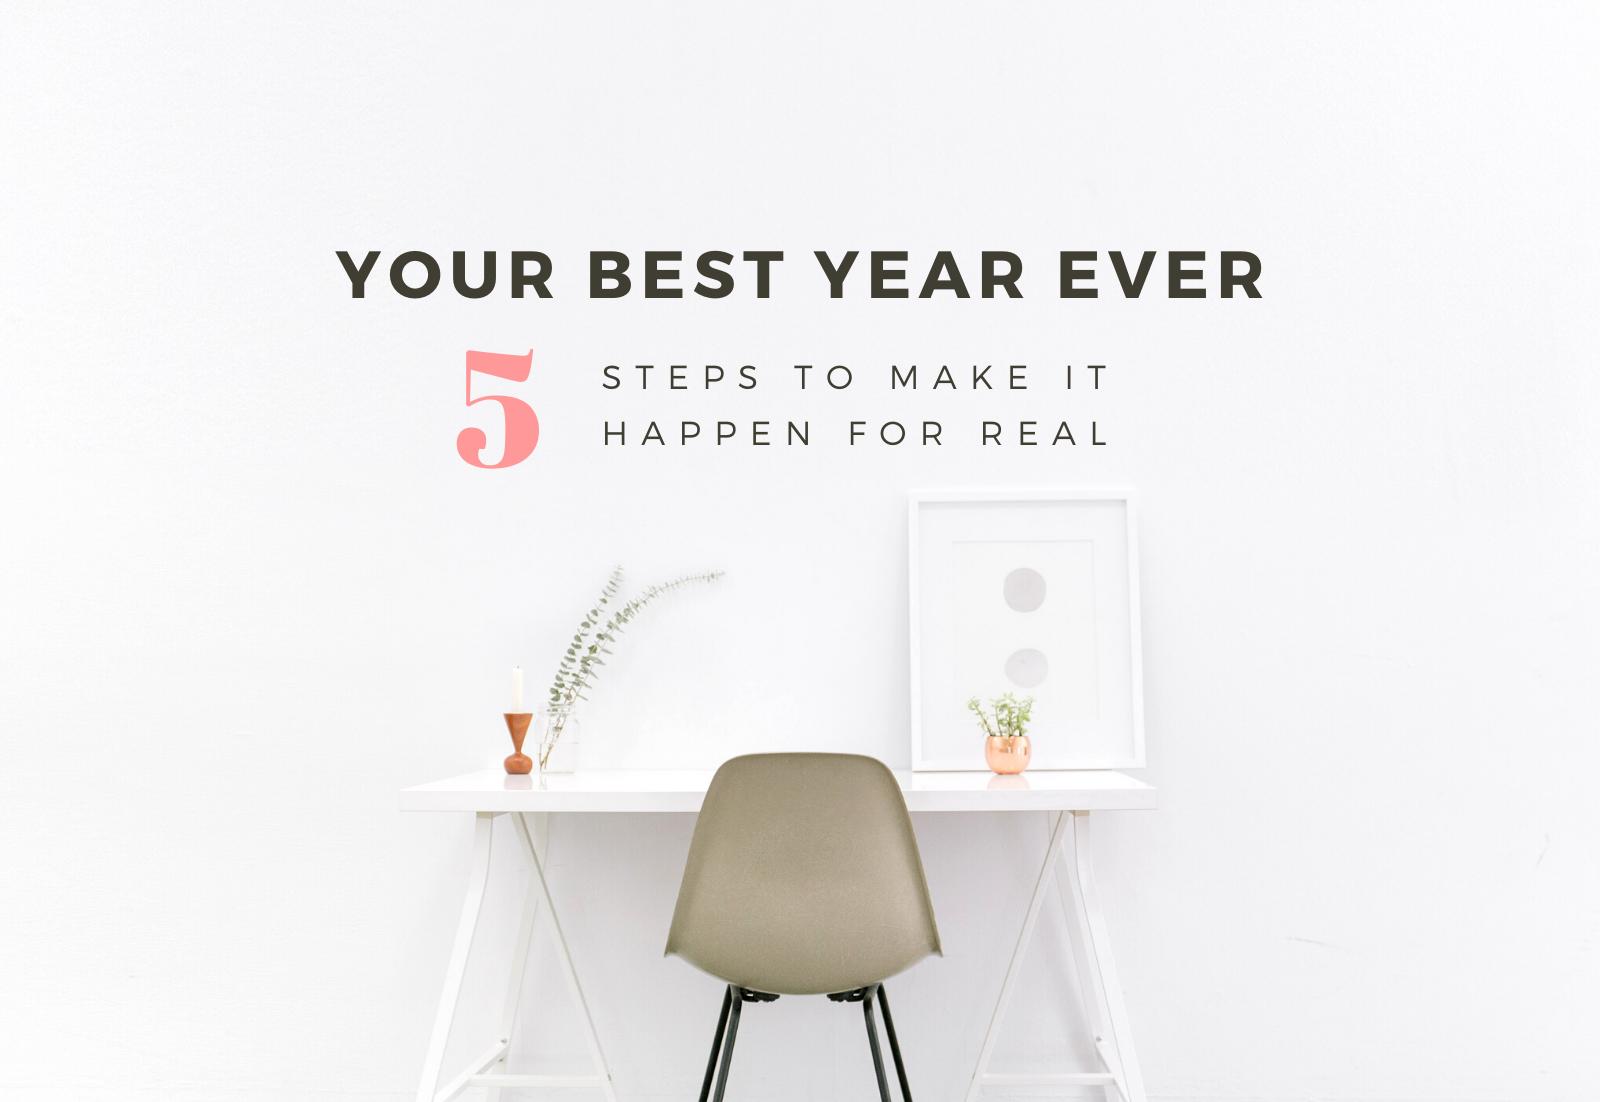 Your best year ever workbook